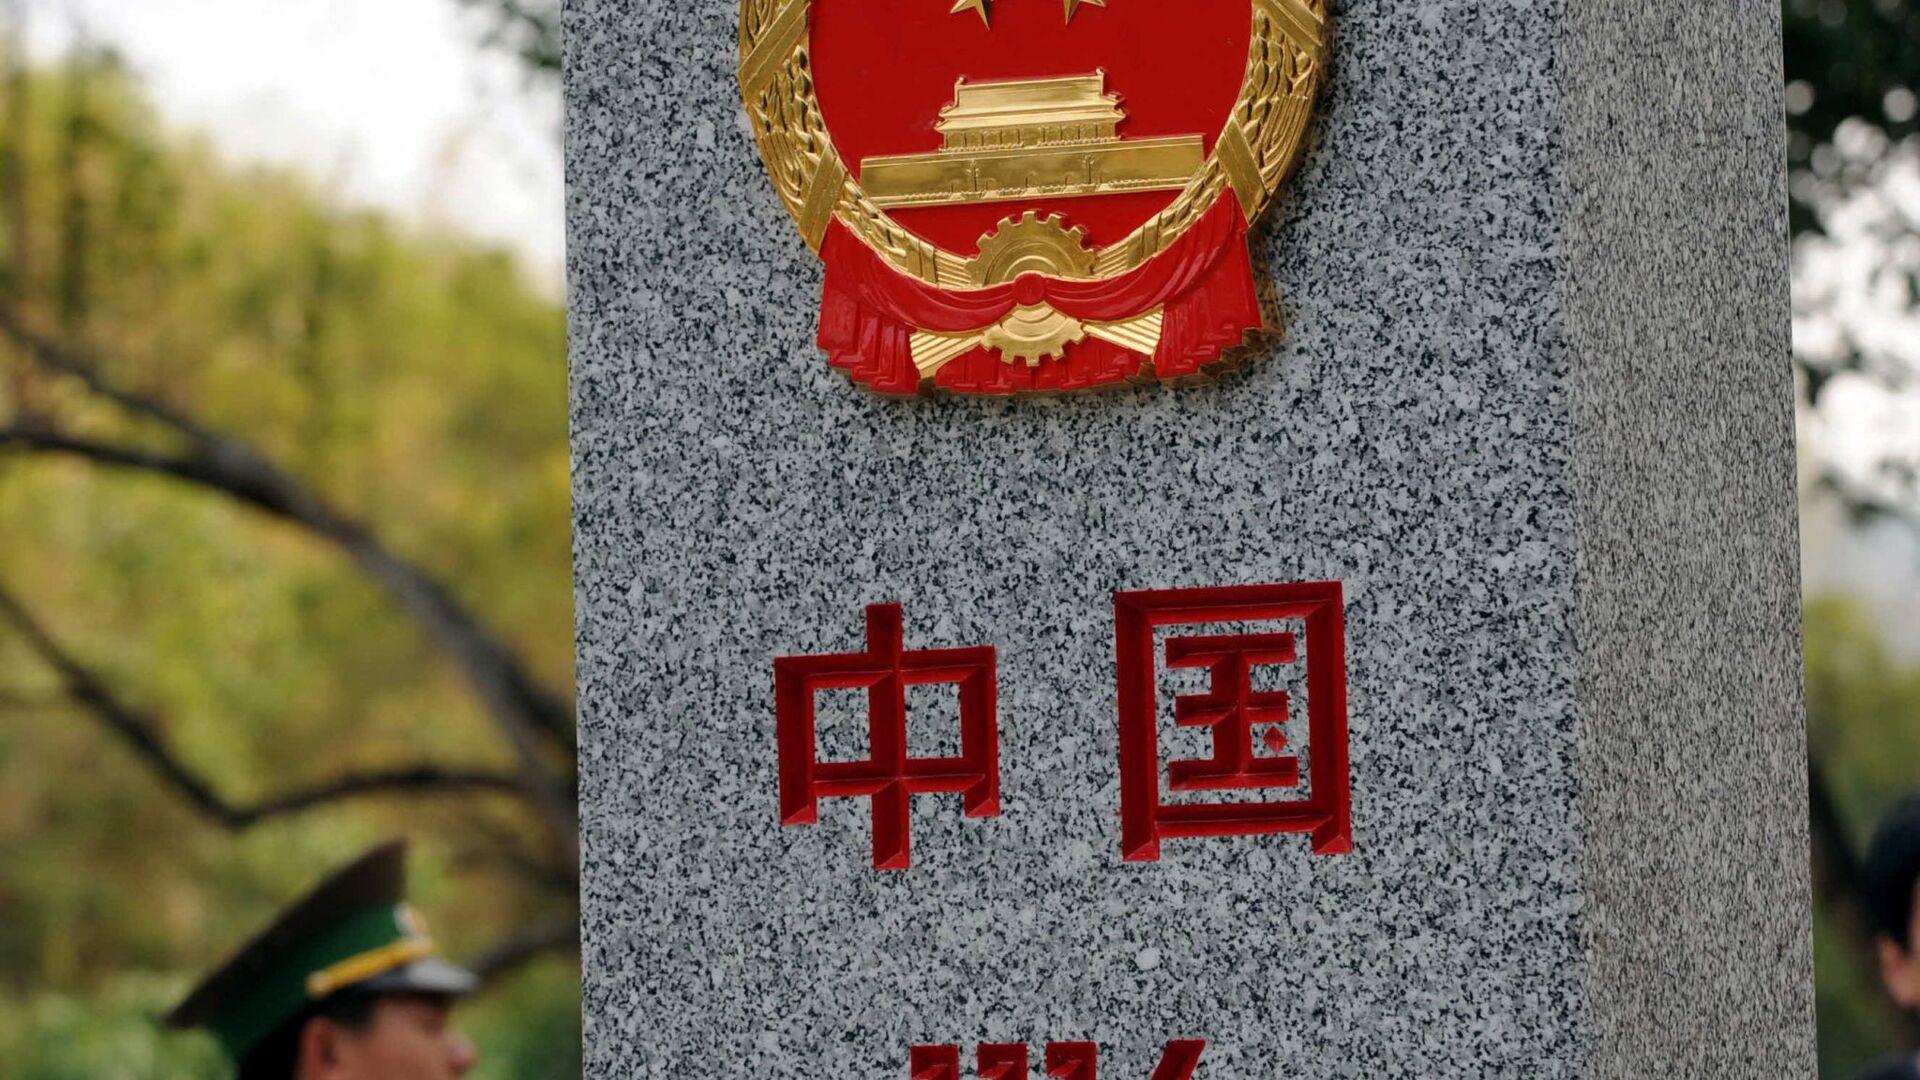 Cột mốc biên giới 1116, một trong những cột mốc  trên tuyến biên giới Việt Nam-Trung Quốc - Sputnik Việt Nam, 1920, 12.10.2021